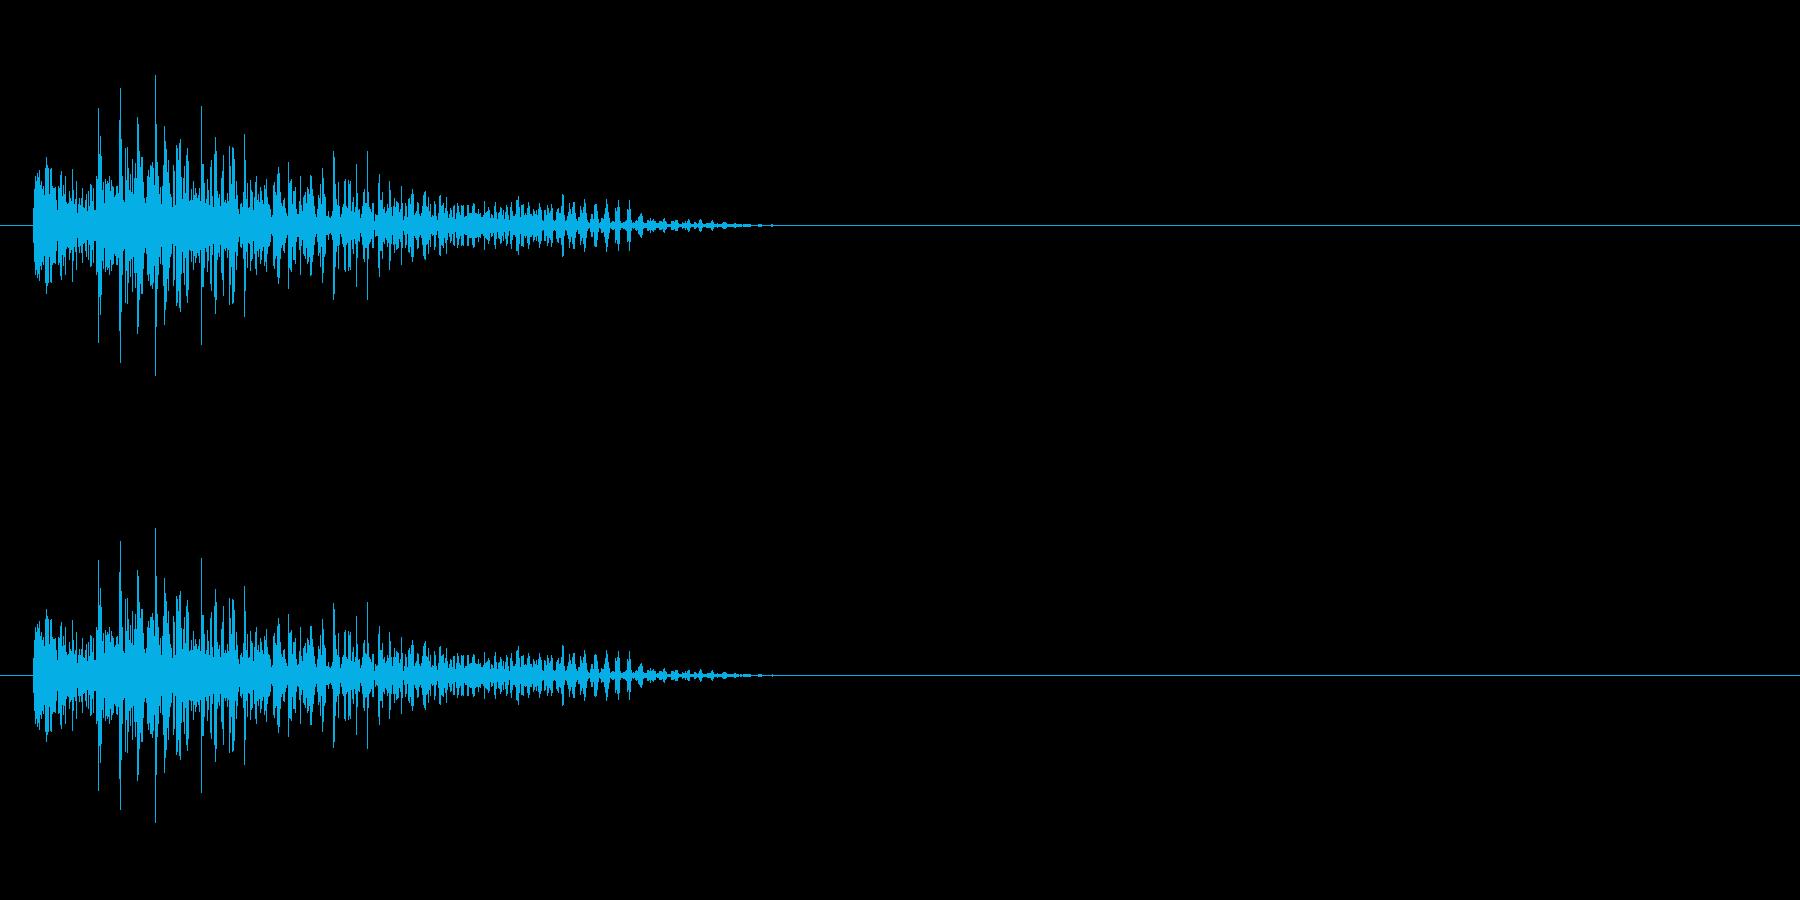 チープなロボットのジャンプ音の再生済みの波形